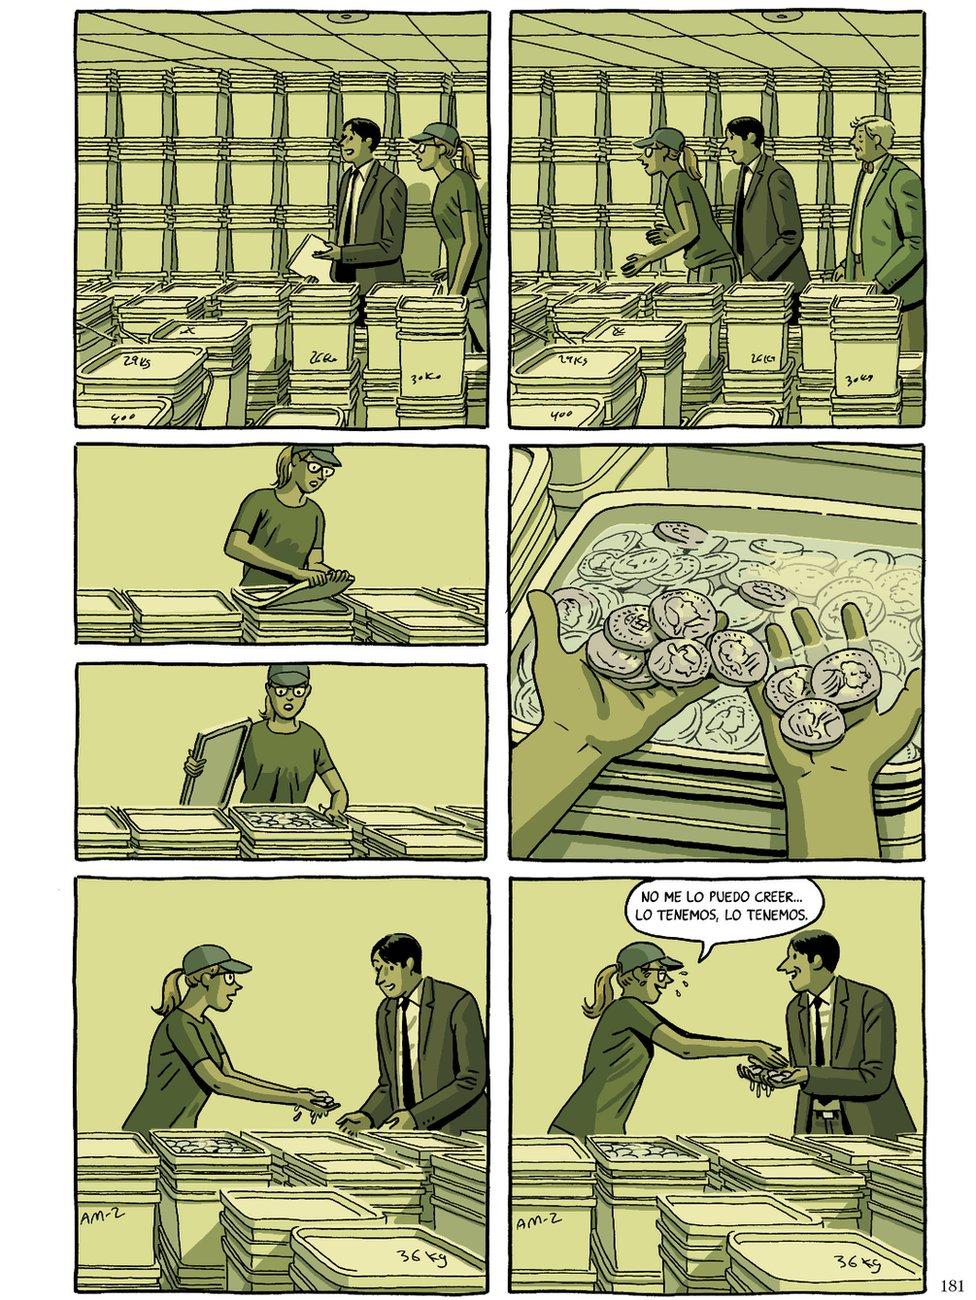 Illustration of treasure hunters